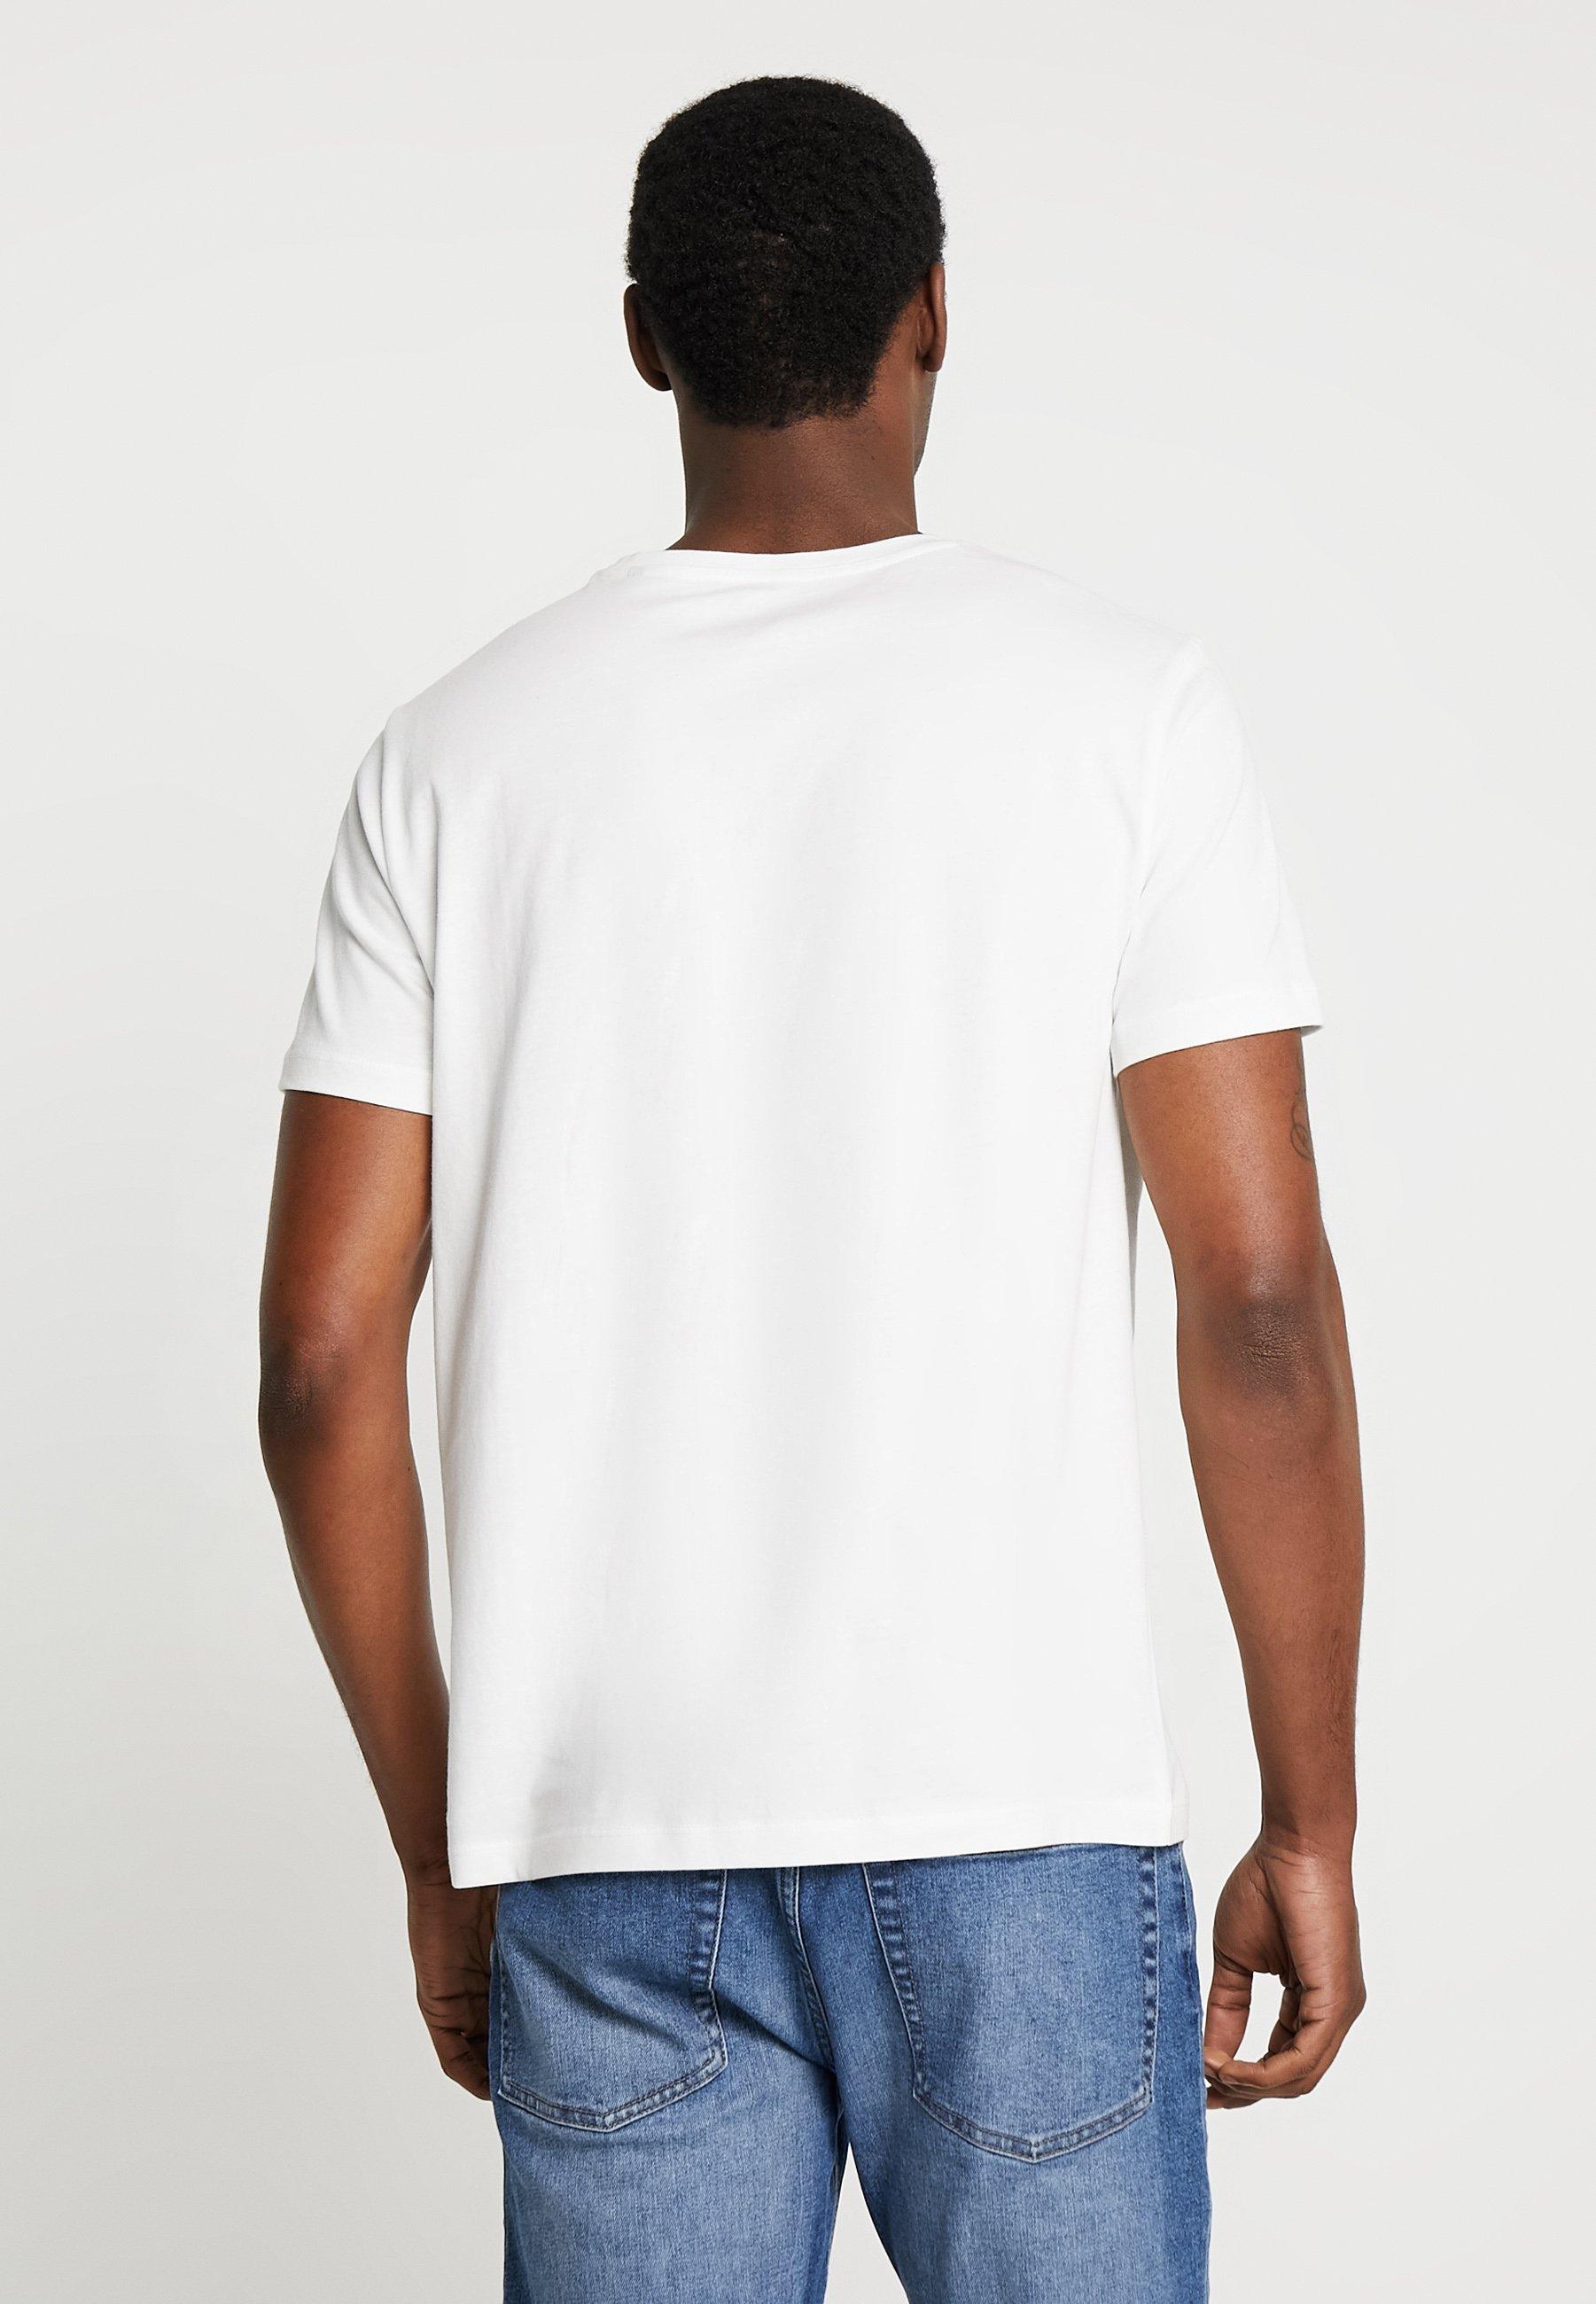 Marc O'polo ImpriméEgg White T shirt zMUVSp